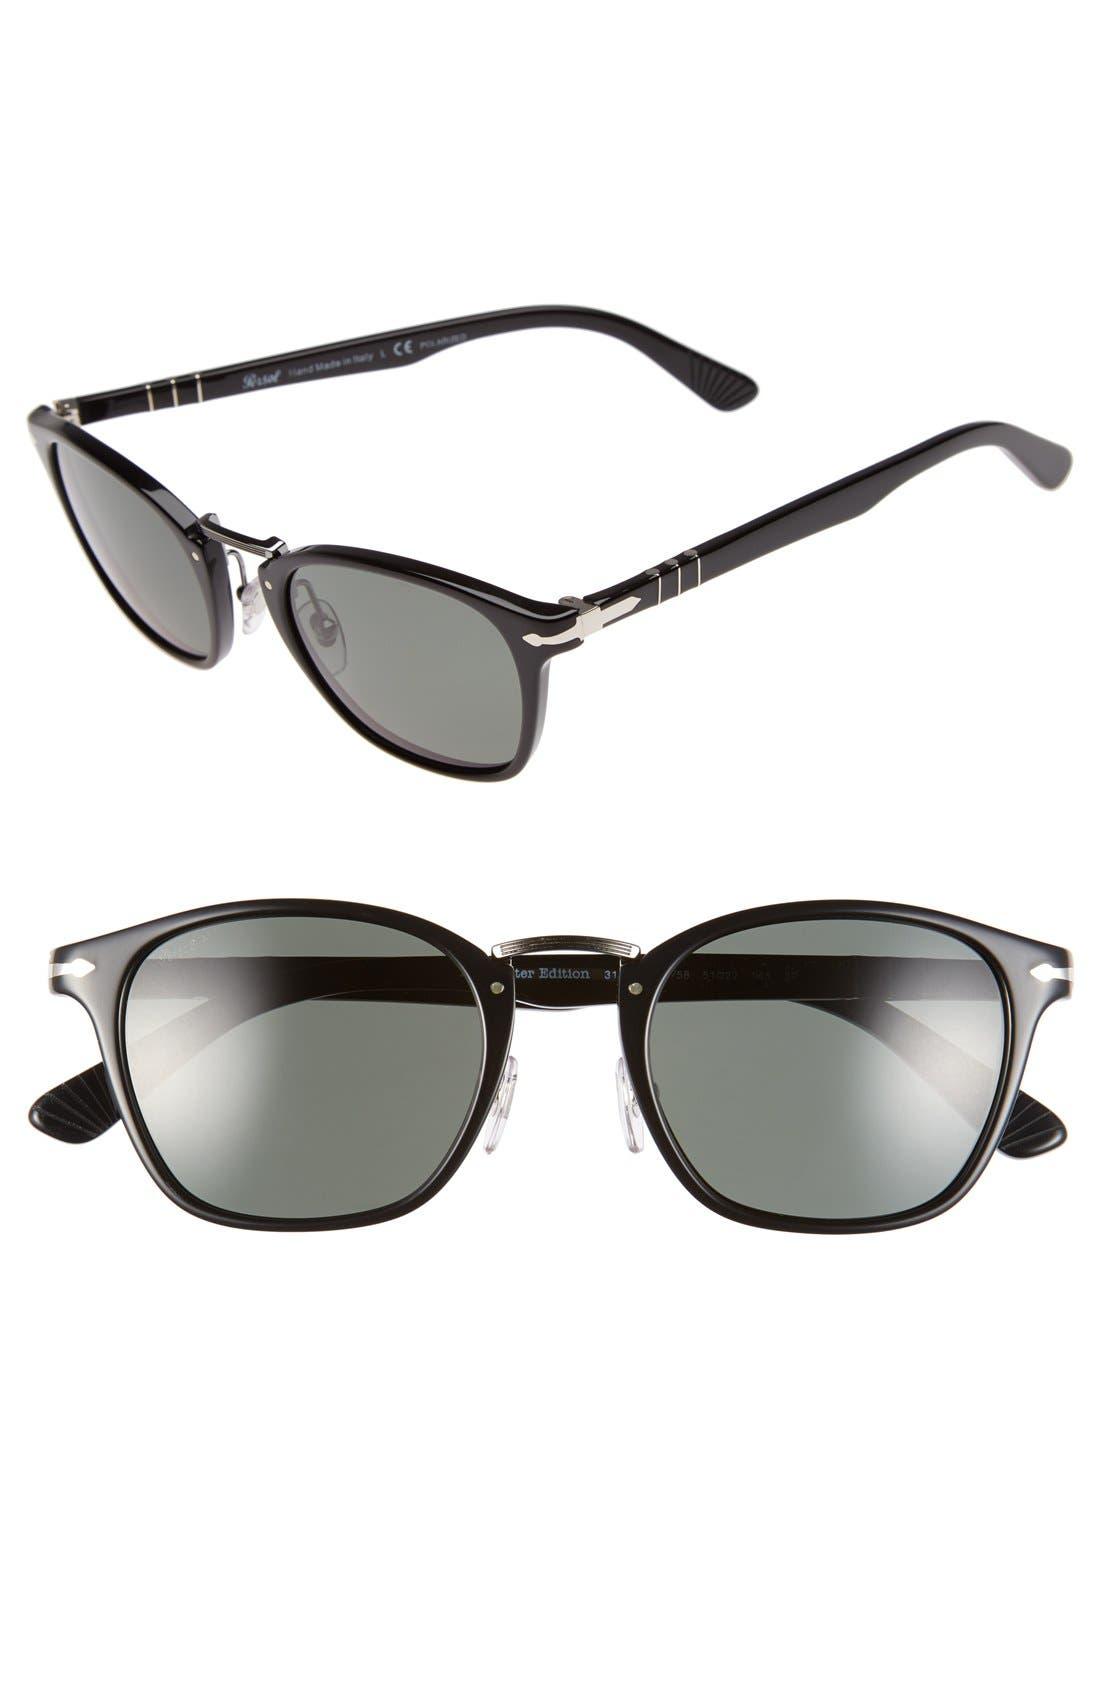 51mm Polarized Retro Sunglasses,                         Main,                         color, BLACK/ GREY GREEN